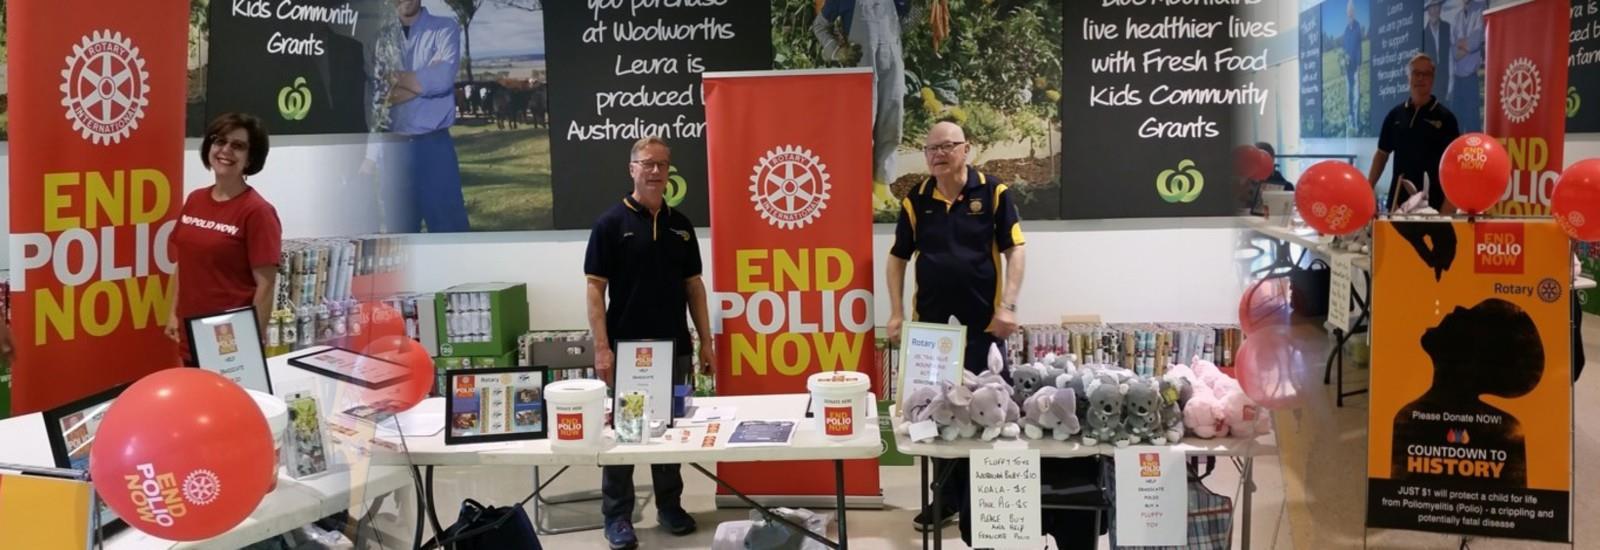 Local End Polio Campaign